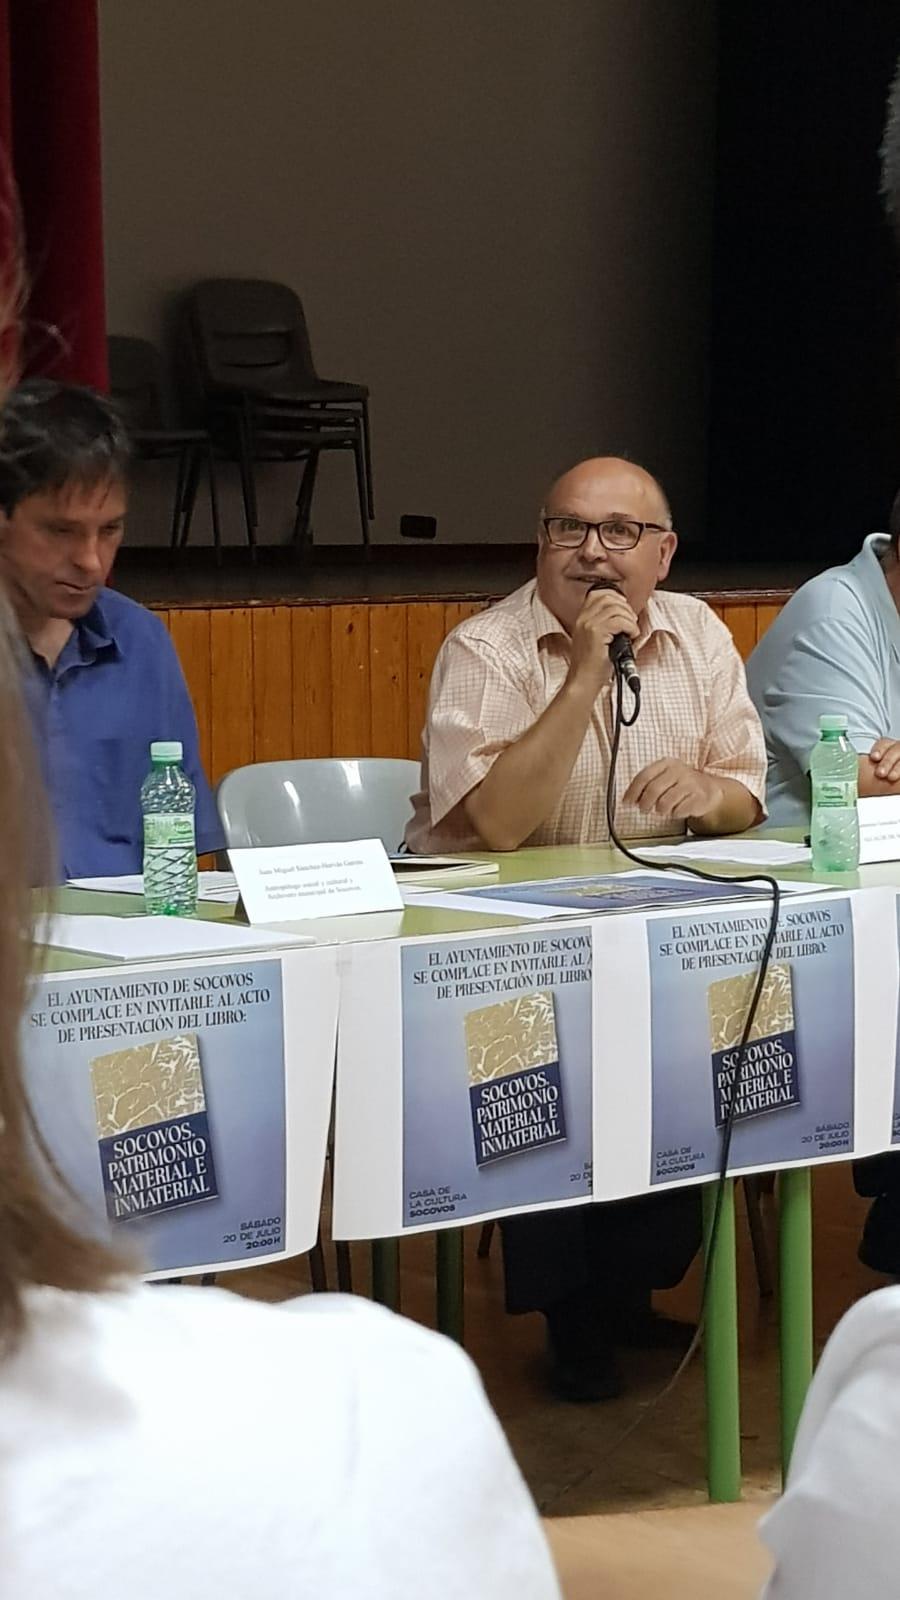 ALCALDE DE SOCOVOS intervención de Saturnino González en el acto de presentación